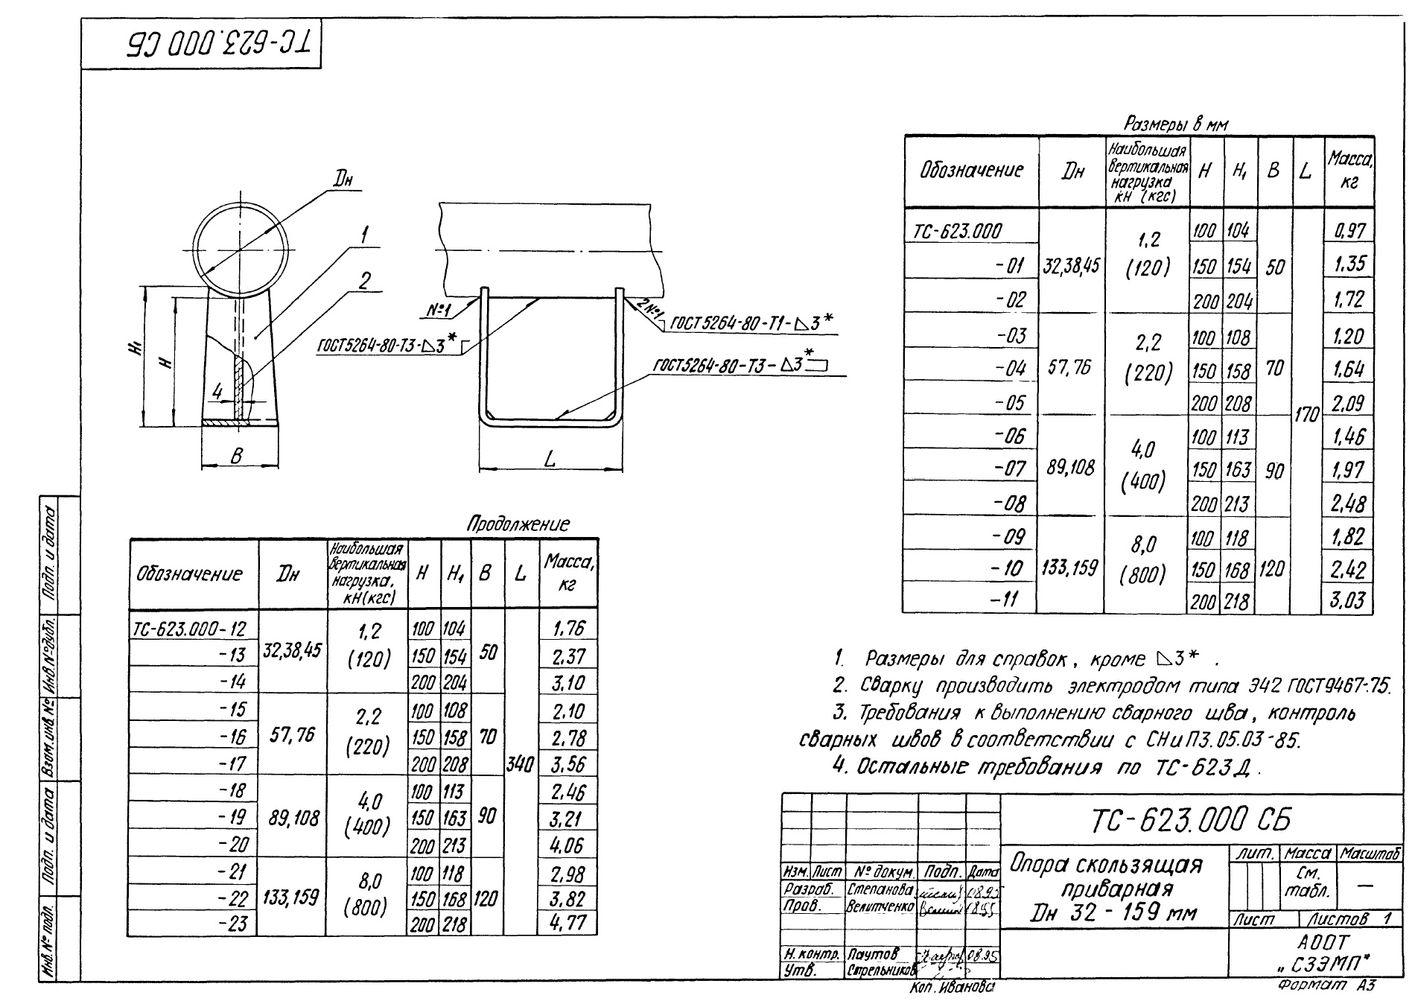 Опора скользящая приварная ТС-623.000 серия 5.903-13 выпуск 8-95 стр.1